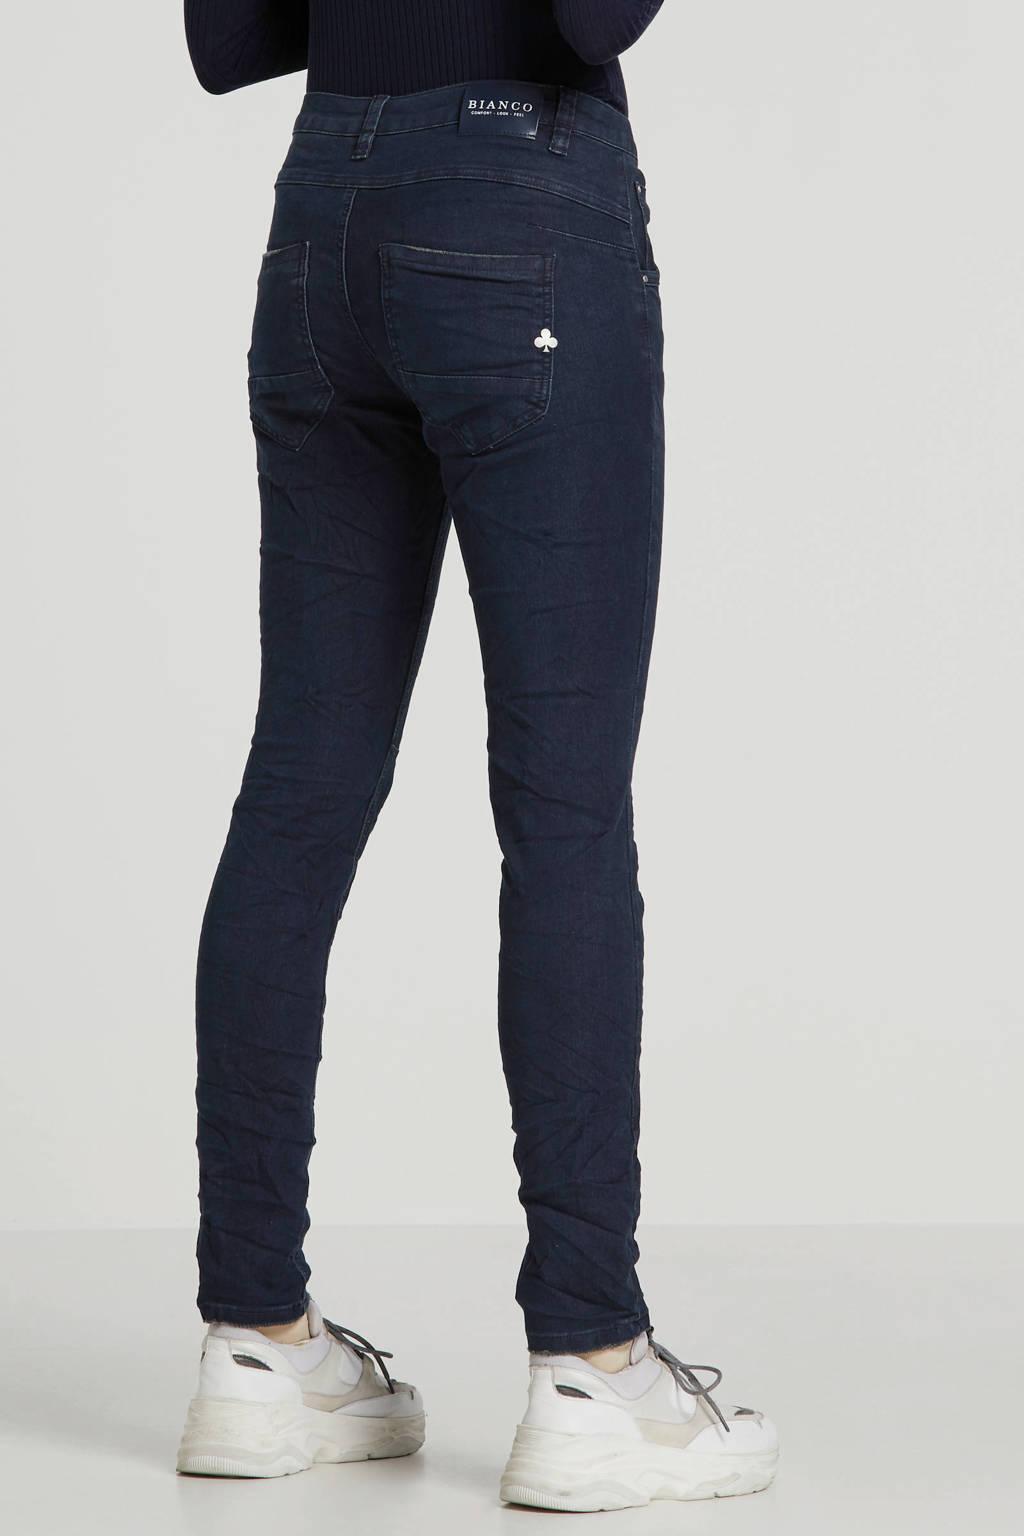 Bianco Jeans boyfriend jeans donkerblauw, Donkerblauw